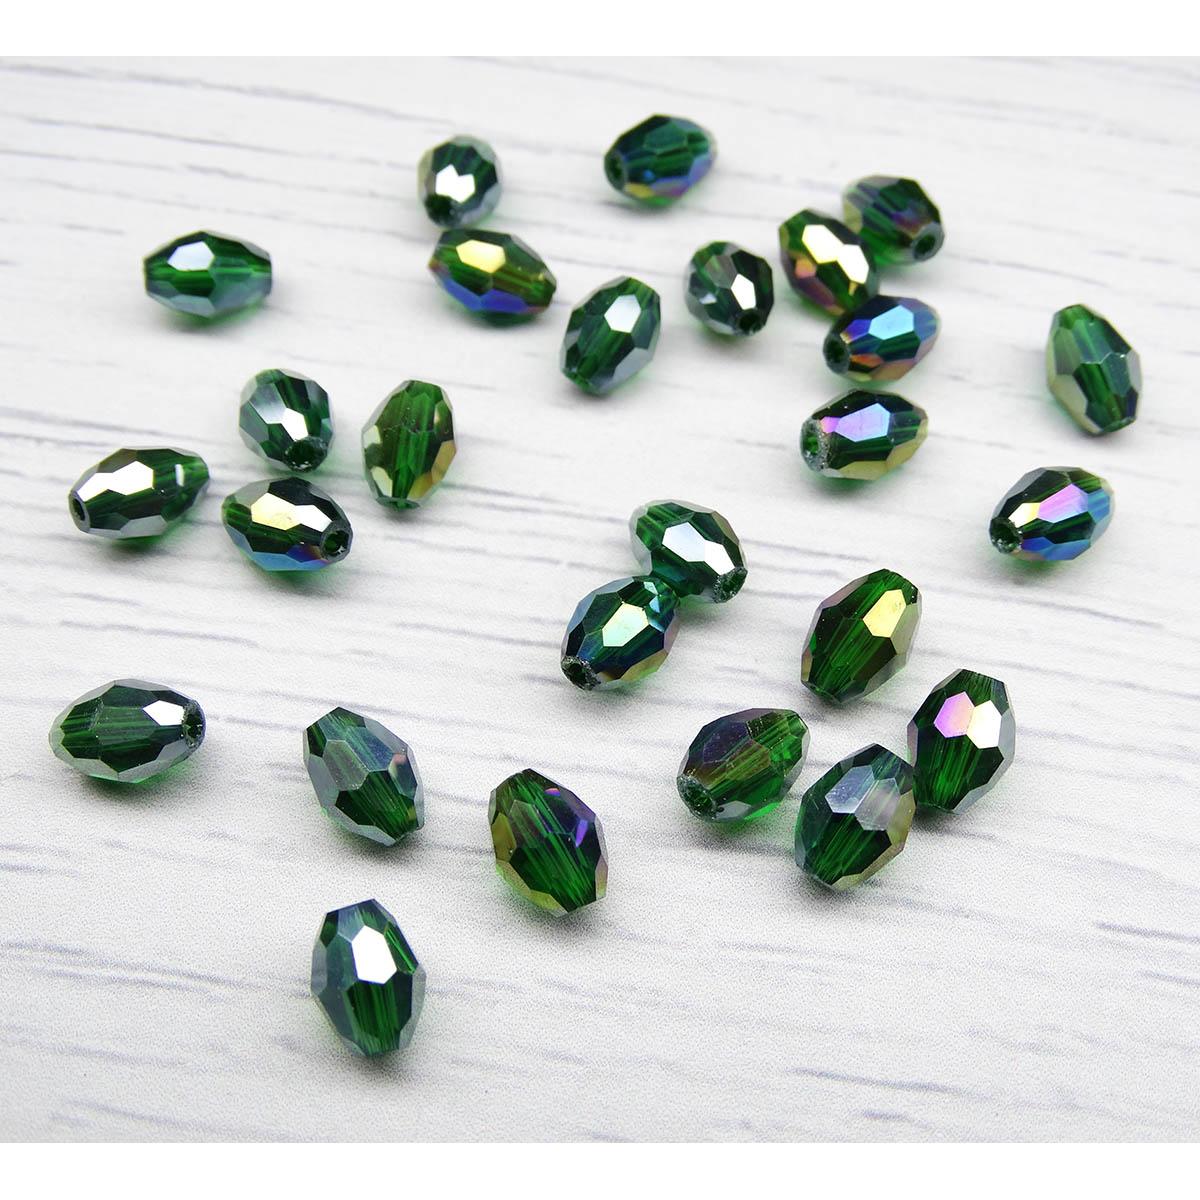 БО006ДС68 Хрустальные бусины формы 'овал' Темно-зеленый прозрачный (с покрытием) 6х8 мм, 15 шт/упак. Астра